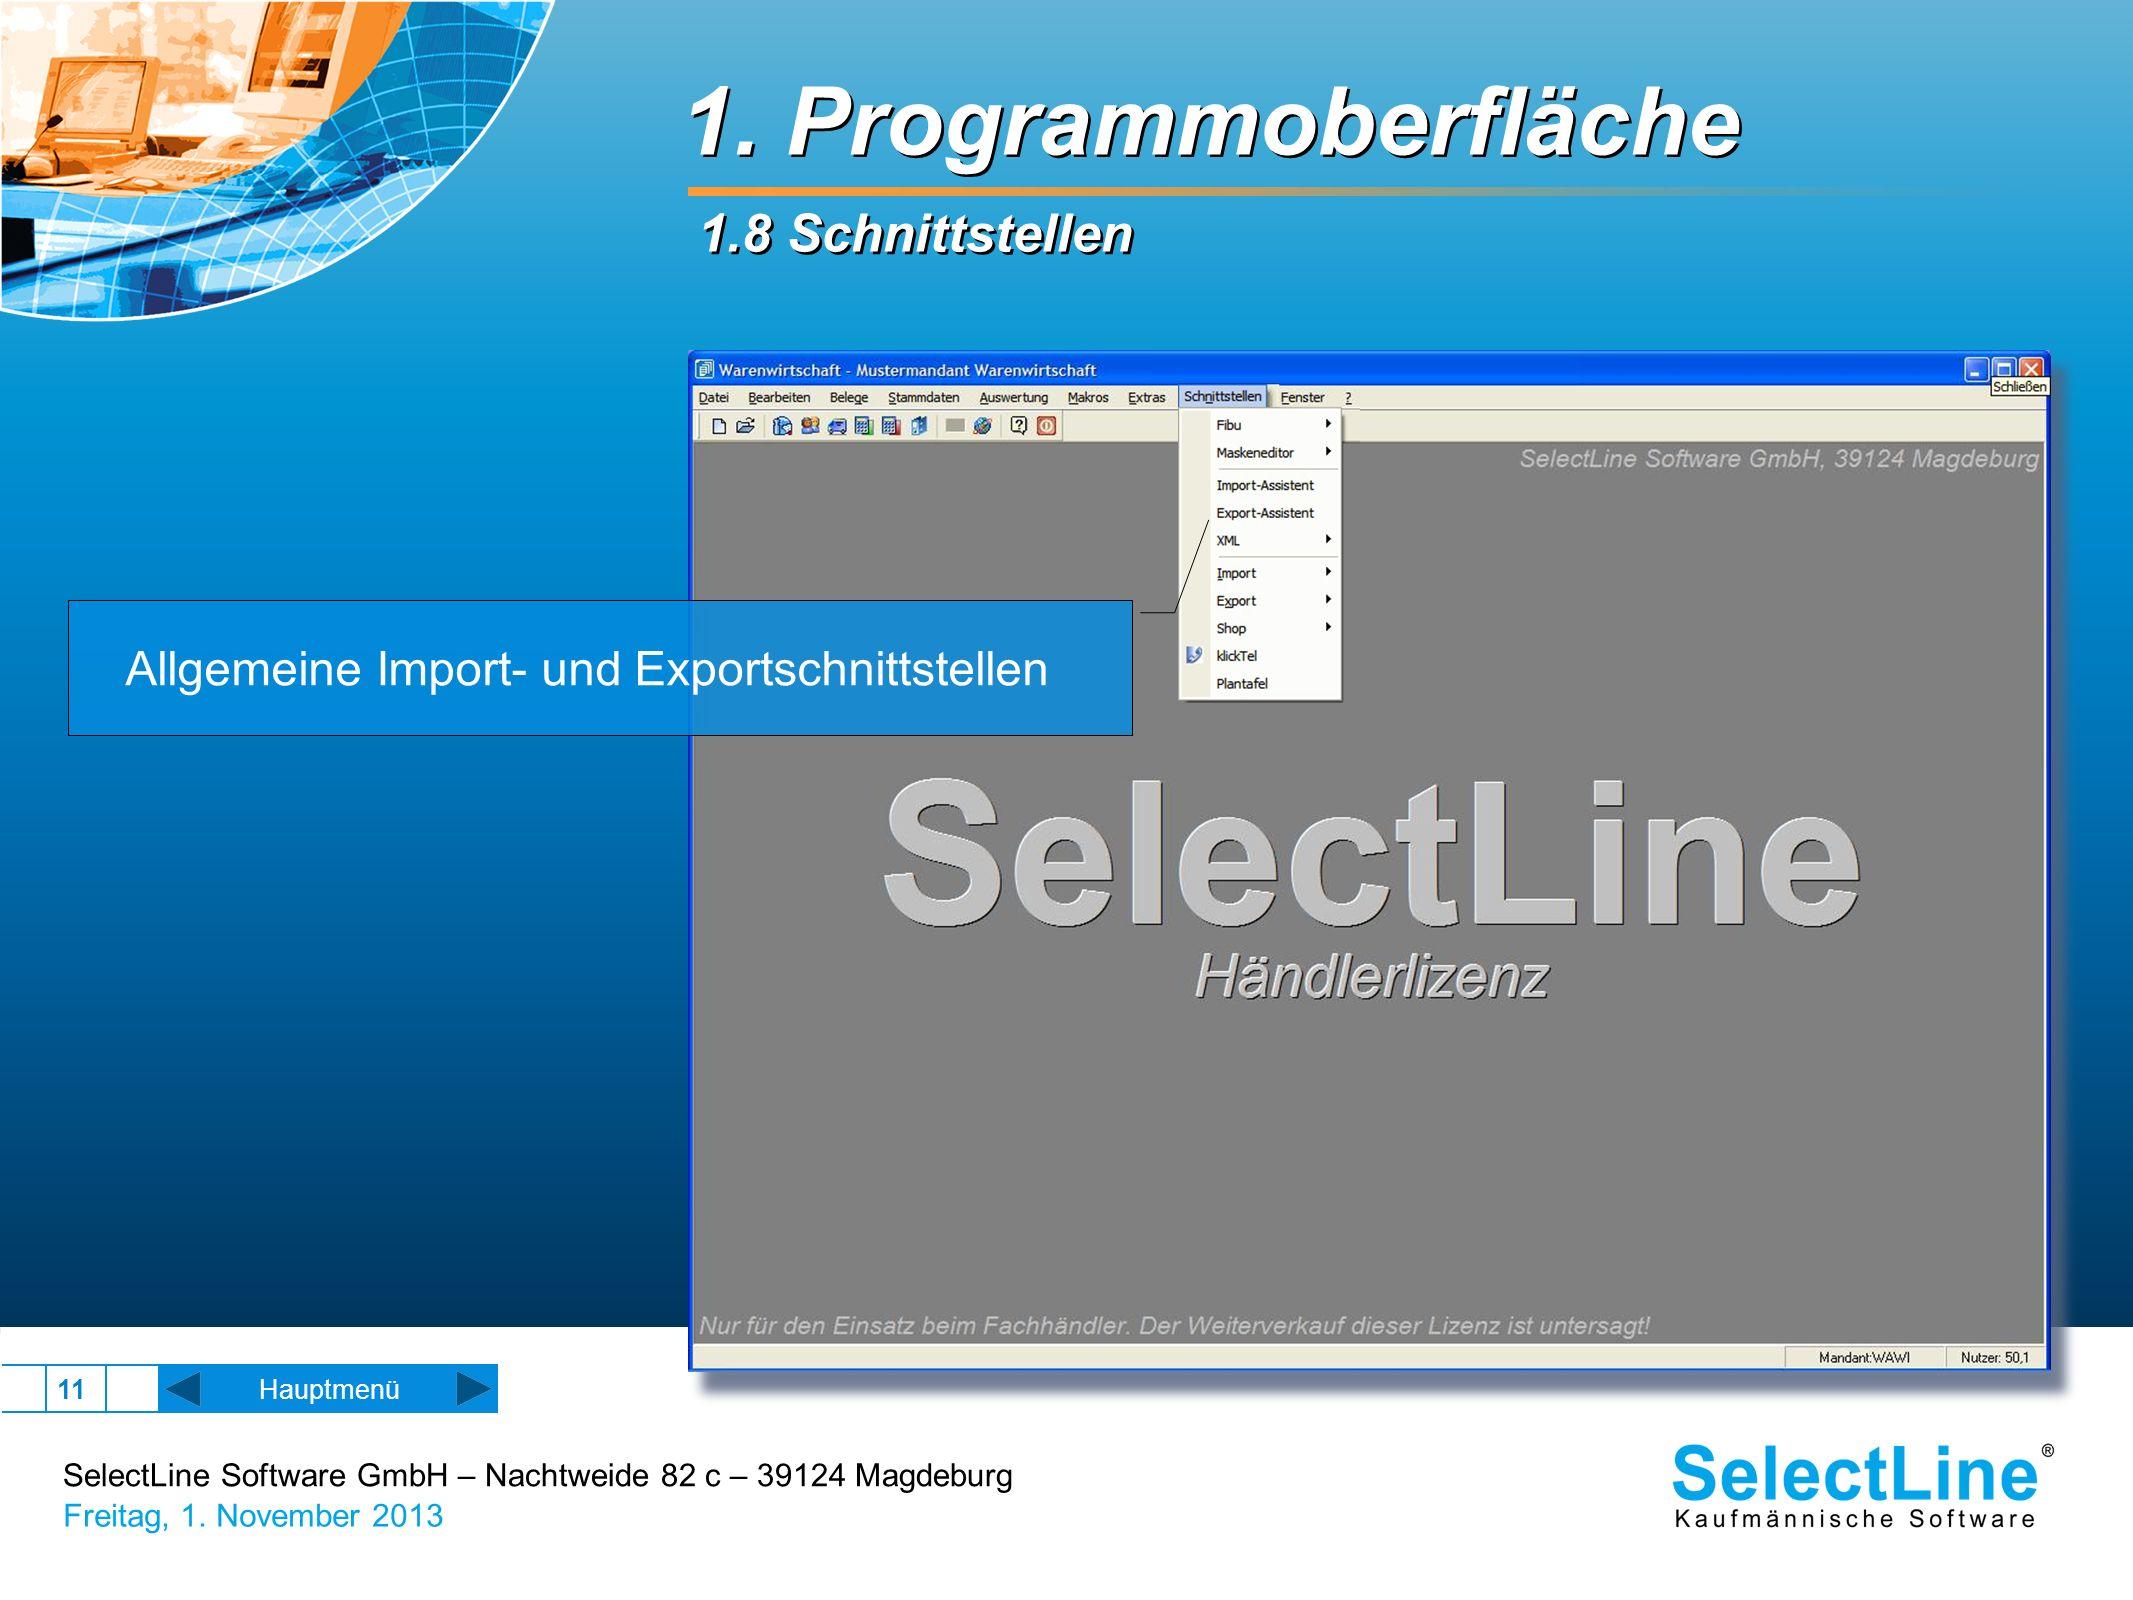 SelectLine Software GmbH – Nachtweide 82 c – 39124 Magdeburg Freitag, 1. November 2013 11 1. Programmoberfläche 1.8 Schnittstellen Allgemeine Import-